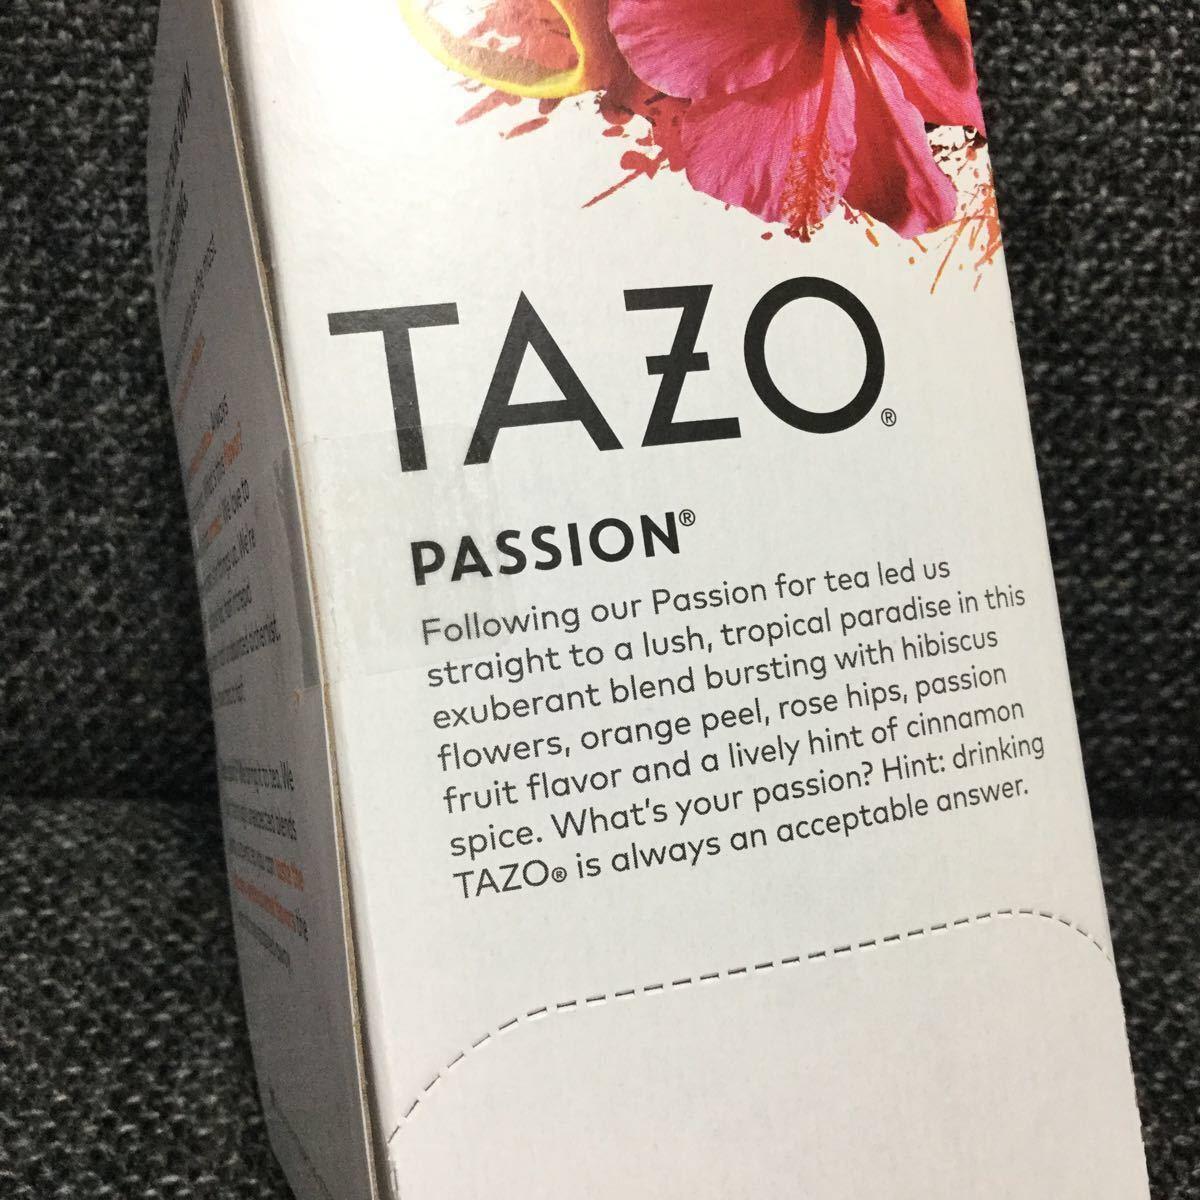 TAZO tea タゾ ティー ★パッション★ハーブティー★スタバ